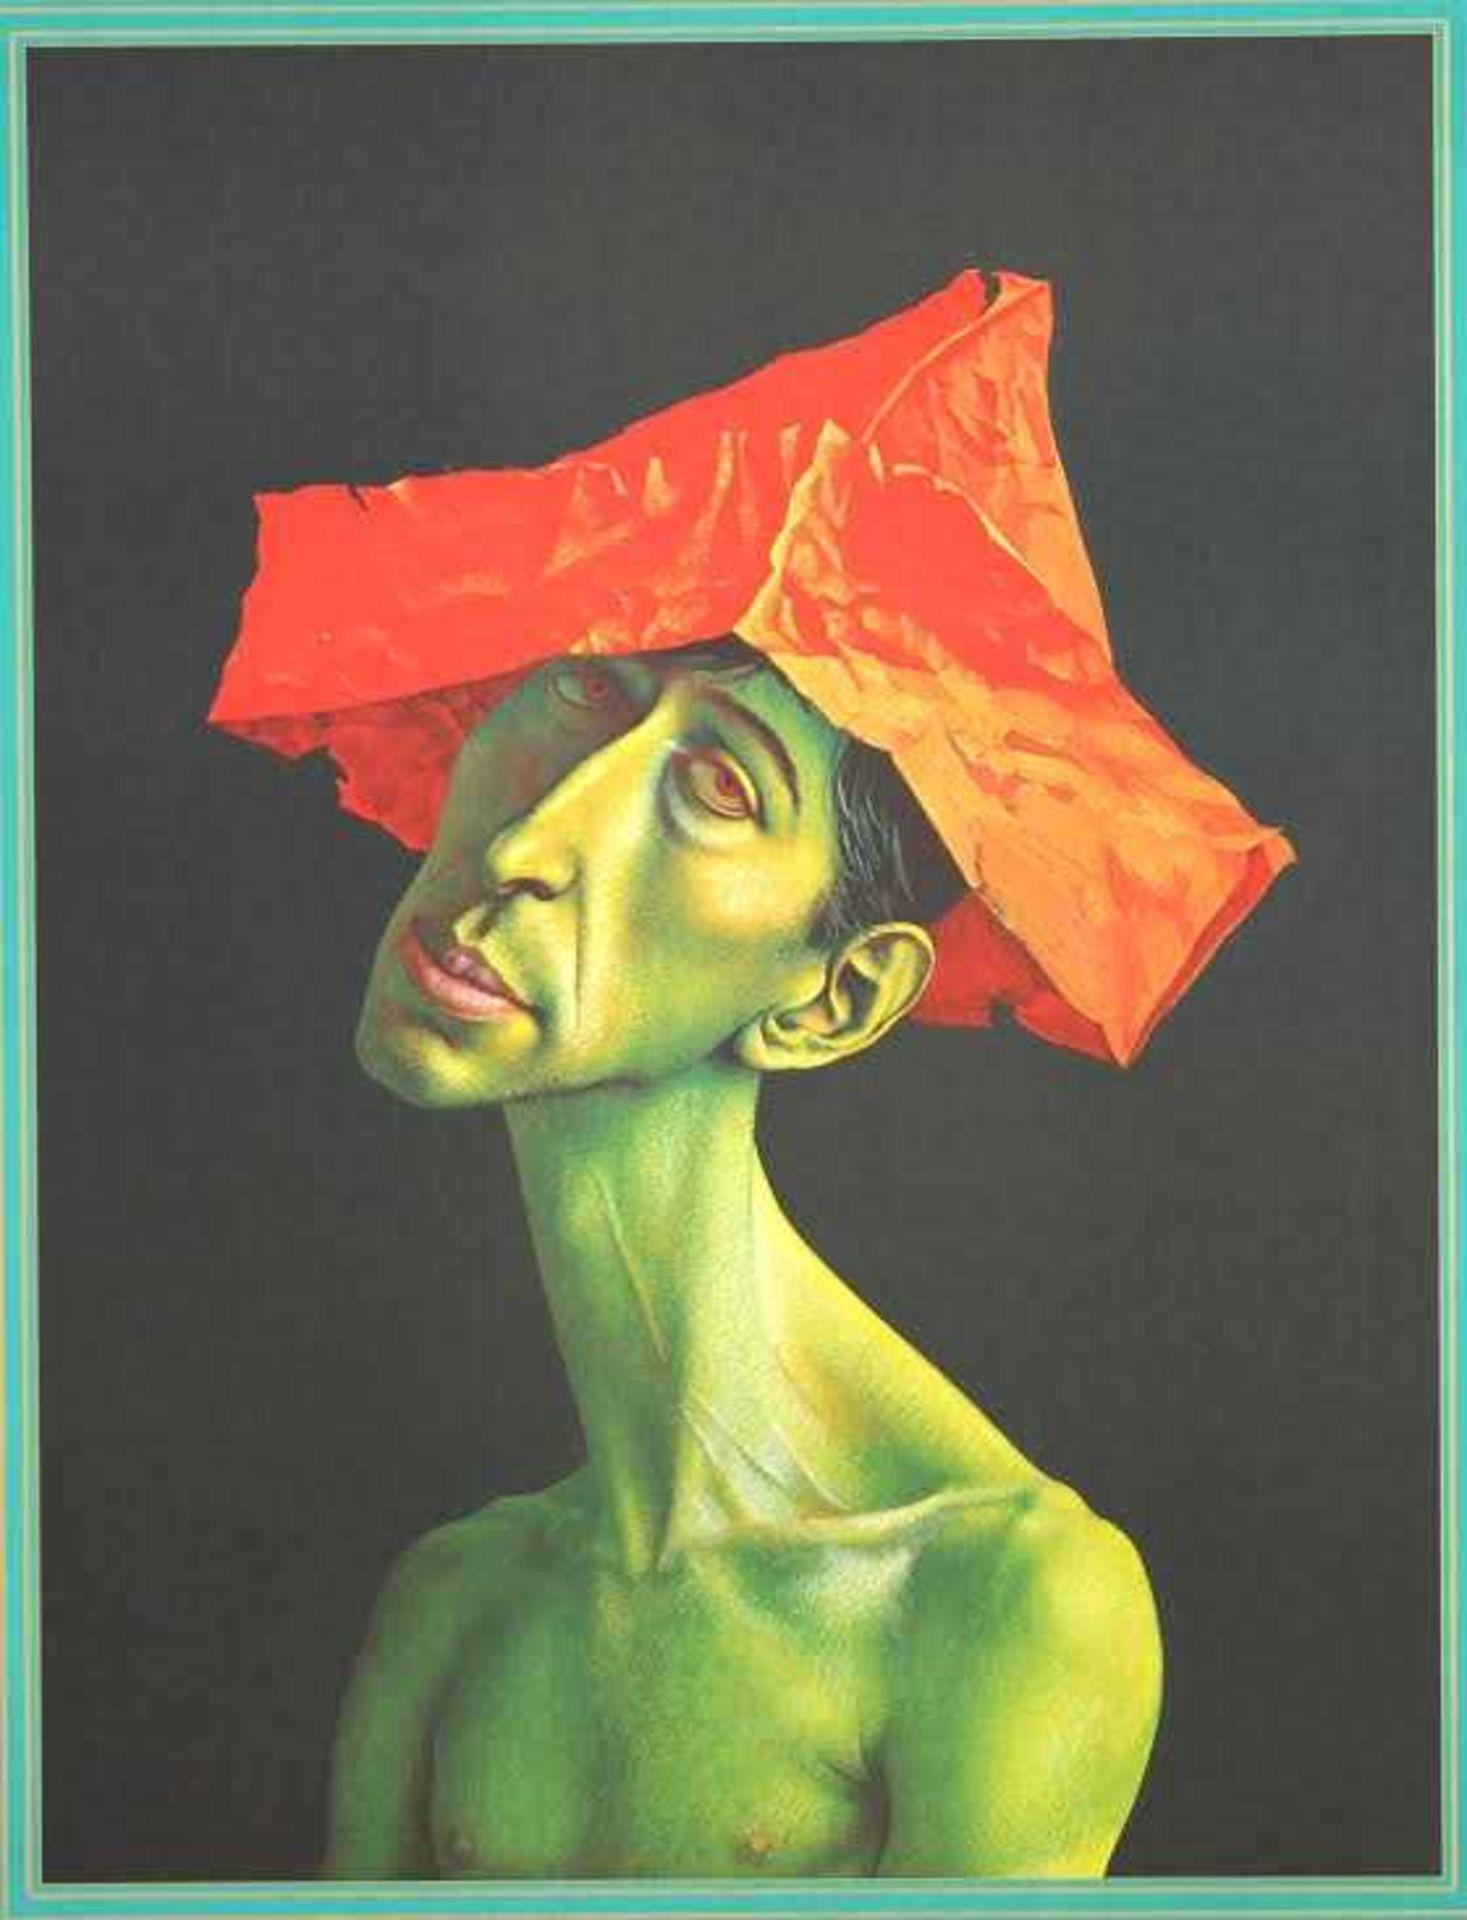 Rudolf Hausner 1914 - 1995 Trauriger Europäer Farbserigraphie handsigniert, betitelt und - Bild 2 aus 4